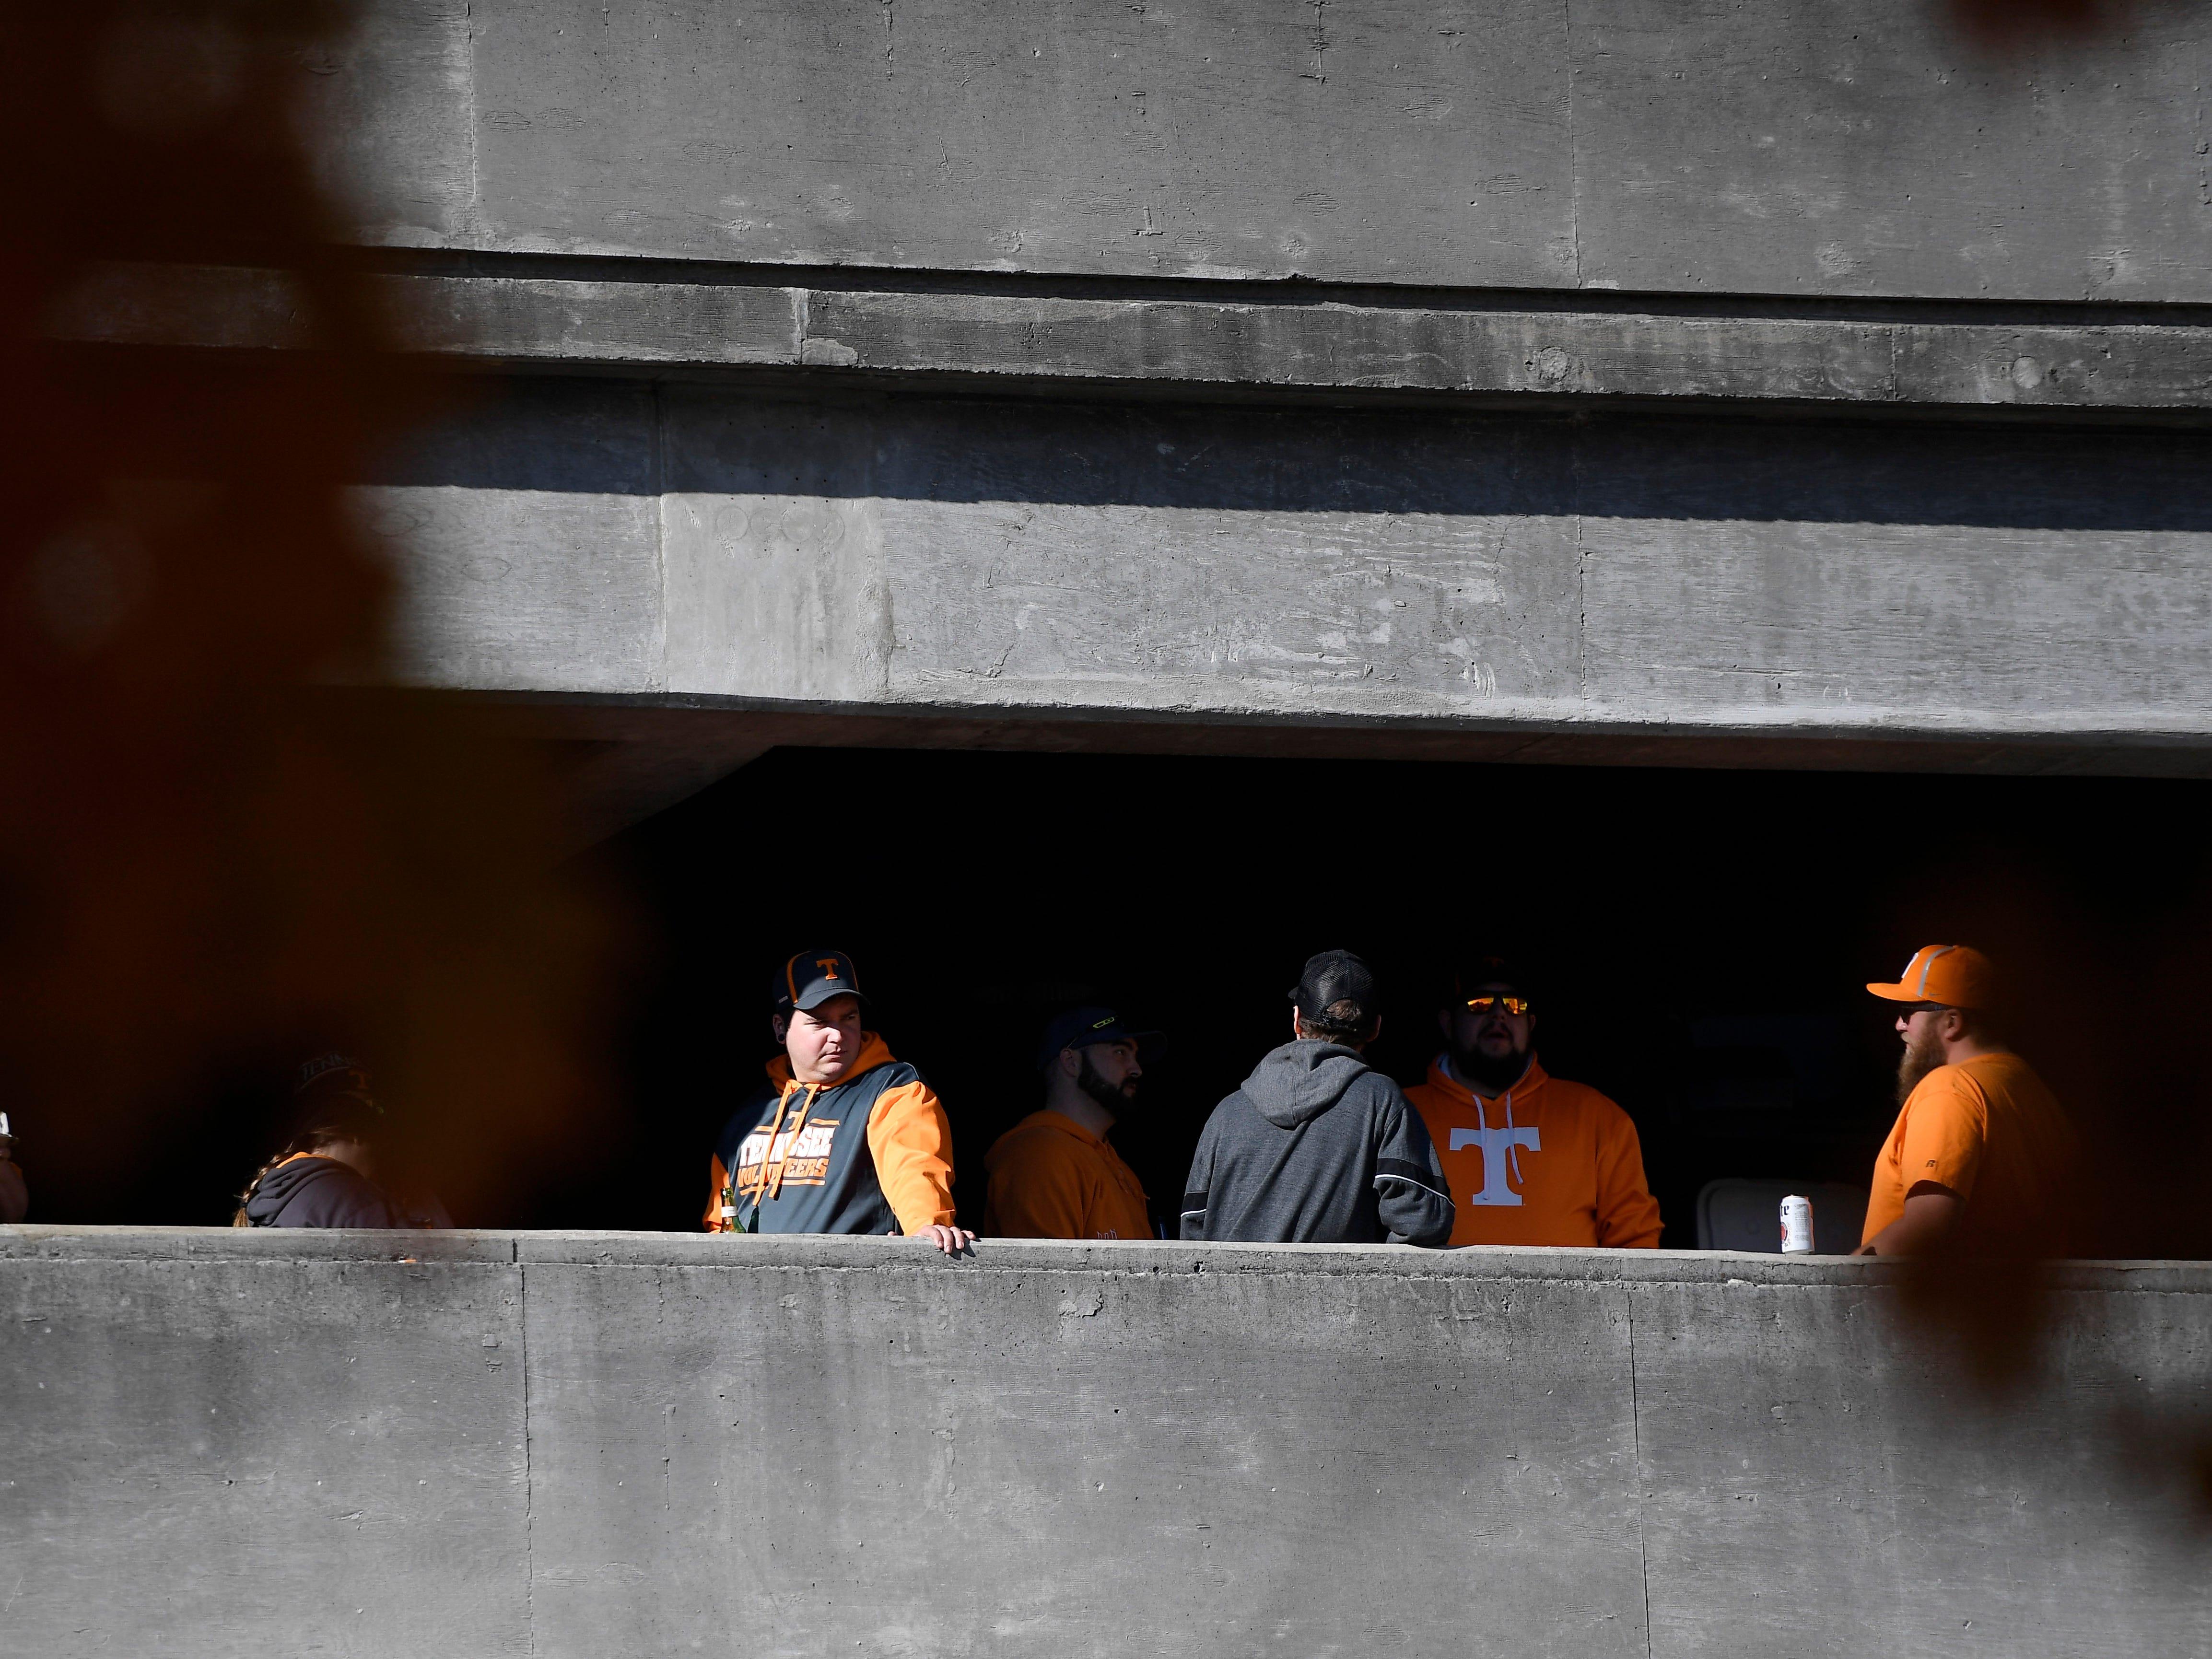 Vols fans watch from above at Vanderbilt Stadium Saturday, Nov. 24, 2018, in Nashville, Tenn.